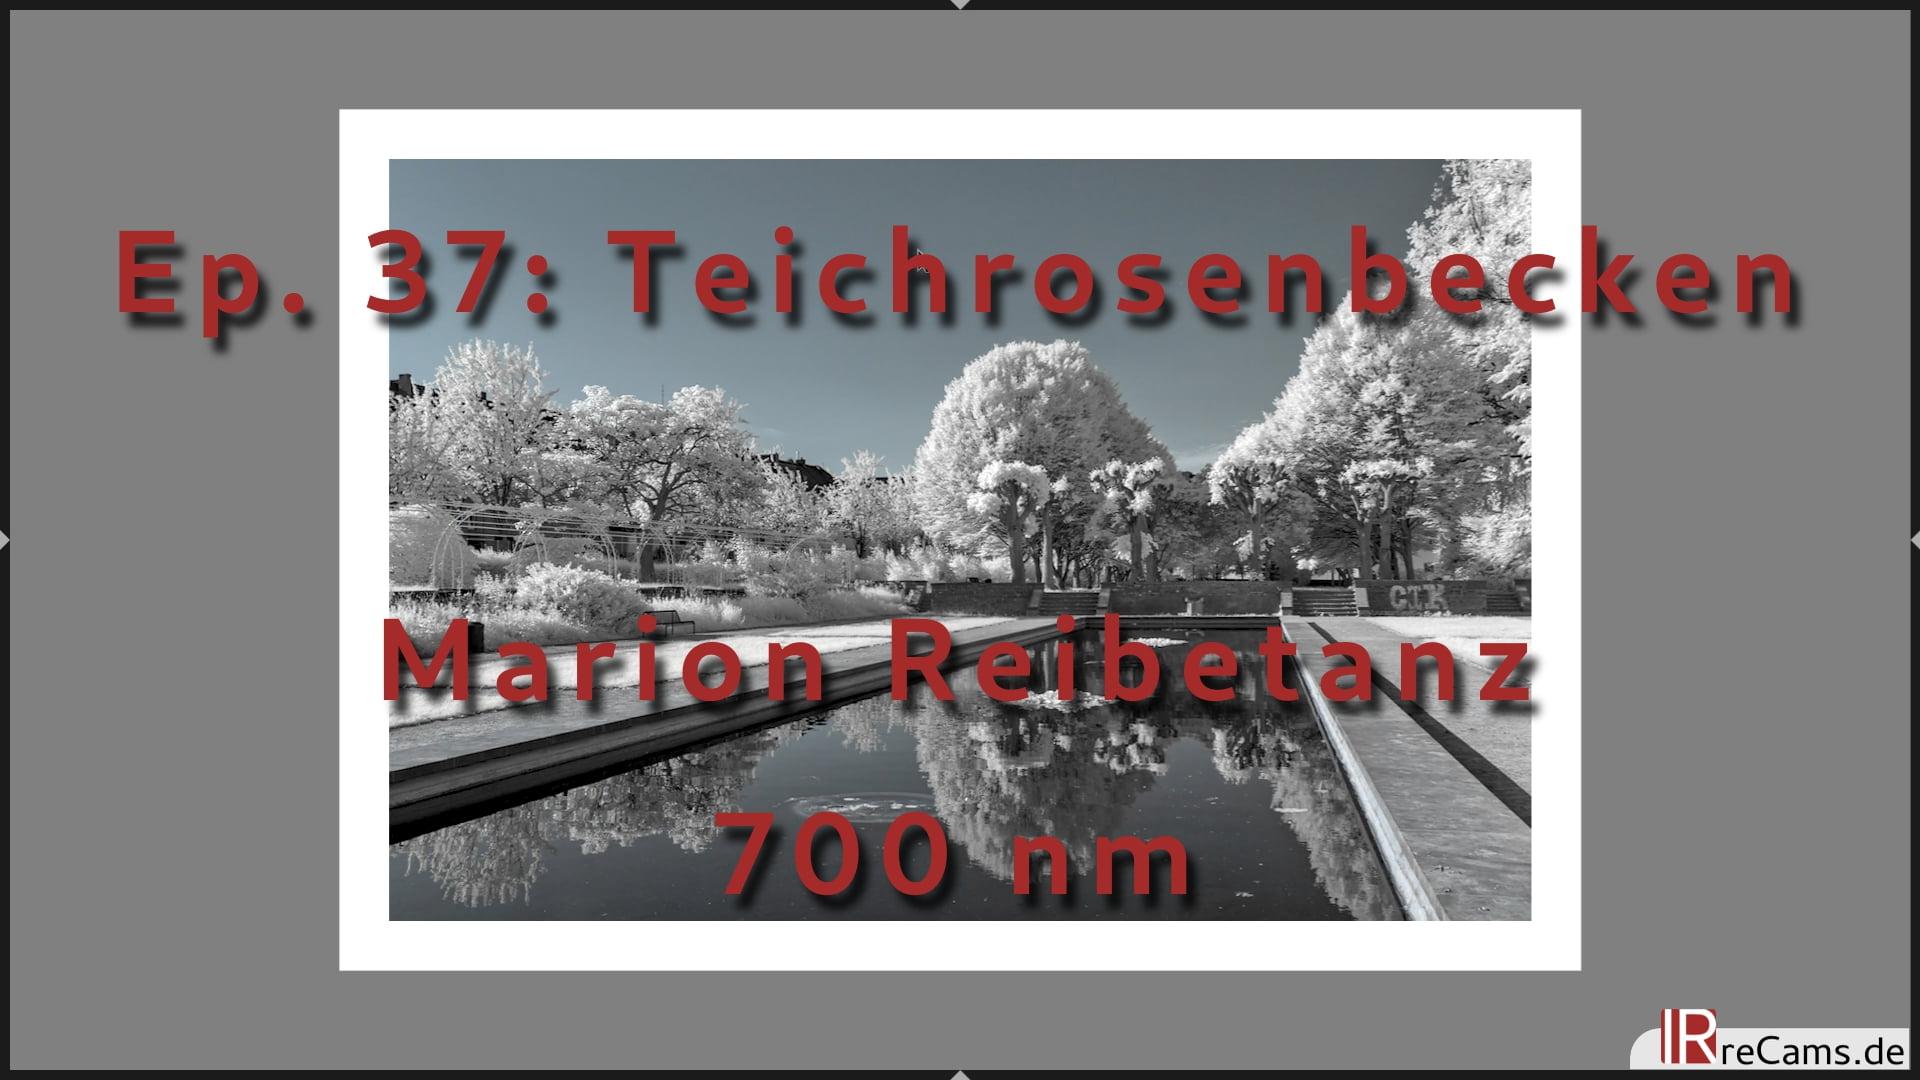 Ep. 37: Teichrosenbecken in Infrarot - Colokey Bildbearbeitung mit 700 nm Filter